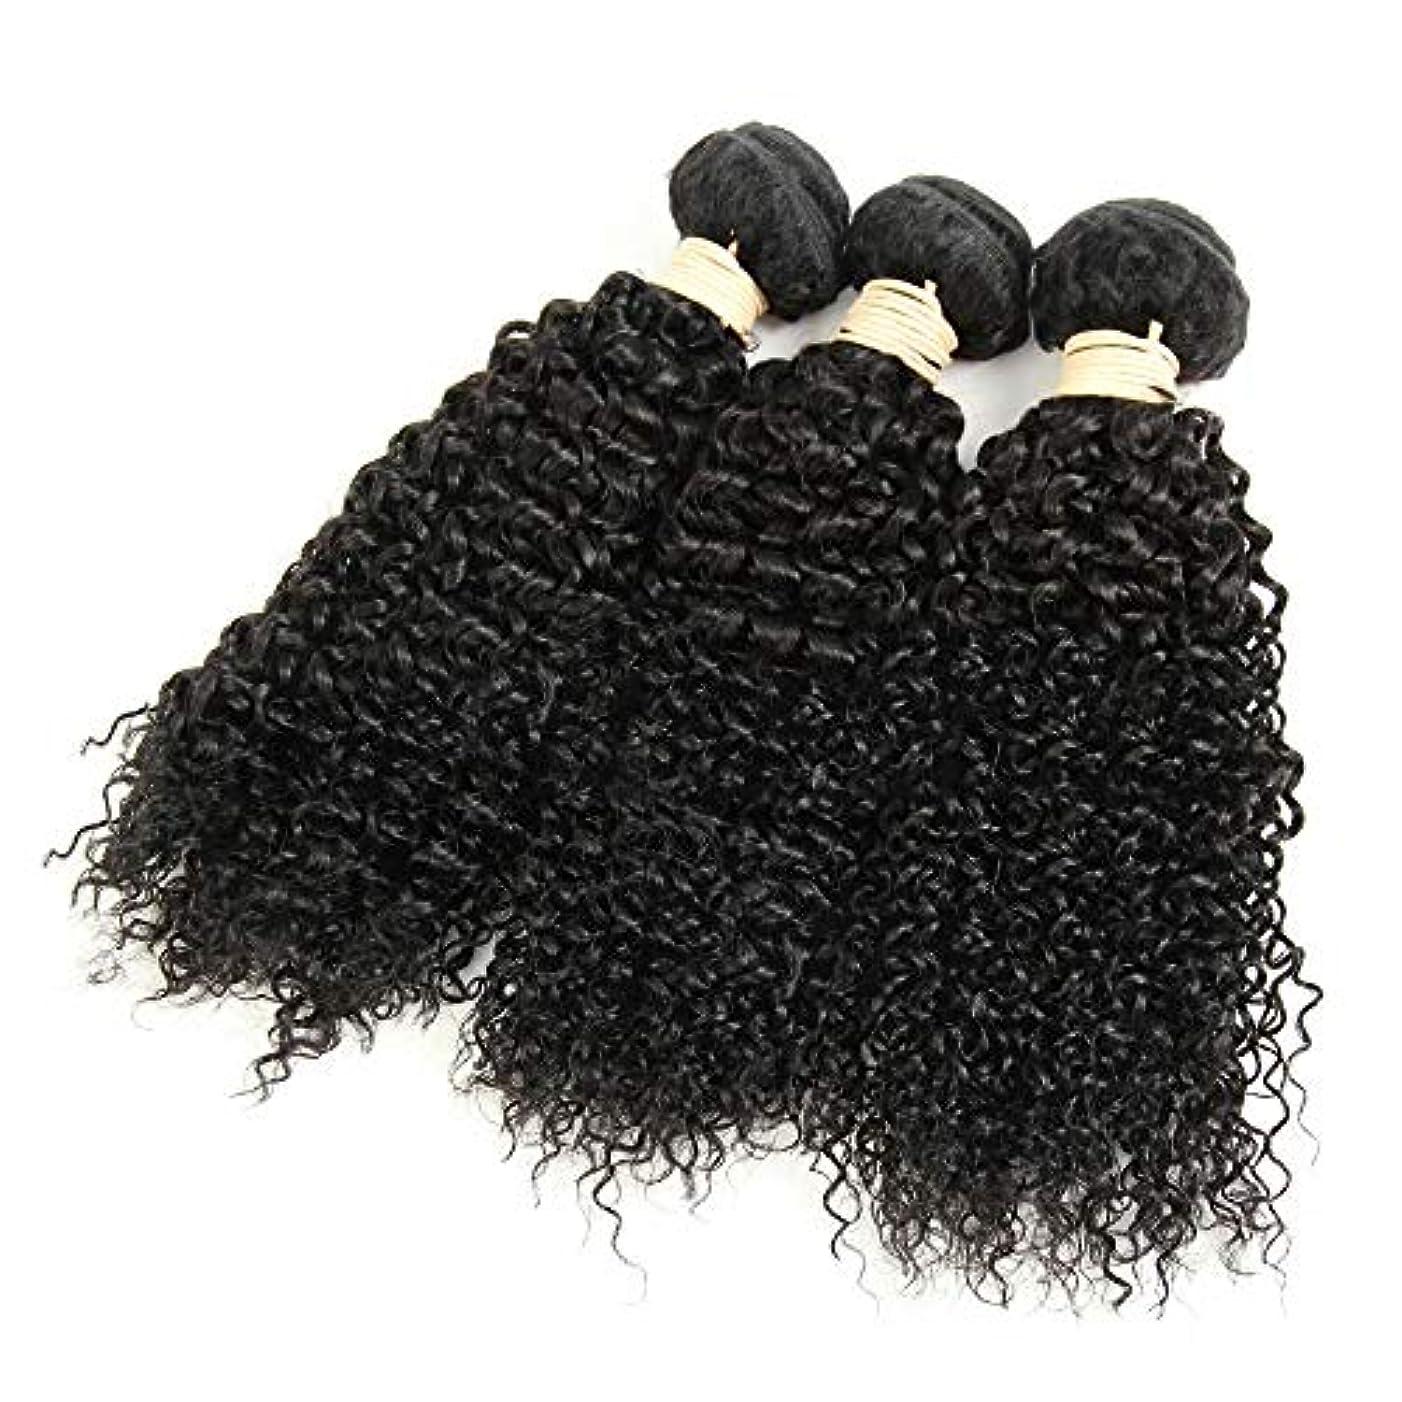 オーナー発送変えるHOHYLLYA 1バンドル変態巻き毛100%本物の人間の髪の毛の束ブラジルのディープウェーブの毛未処理の髪を編む(8